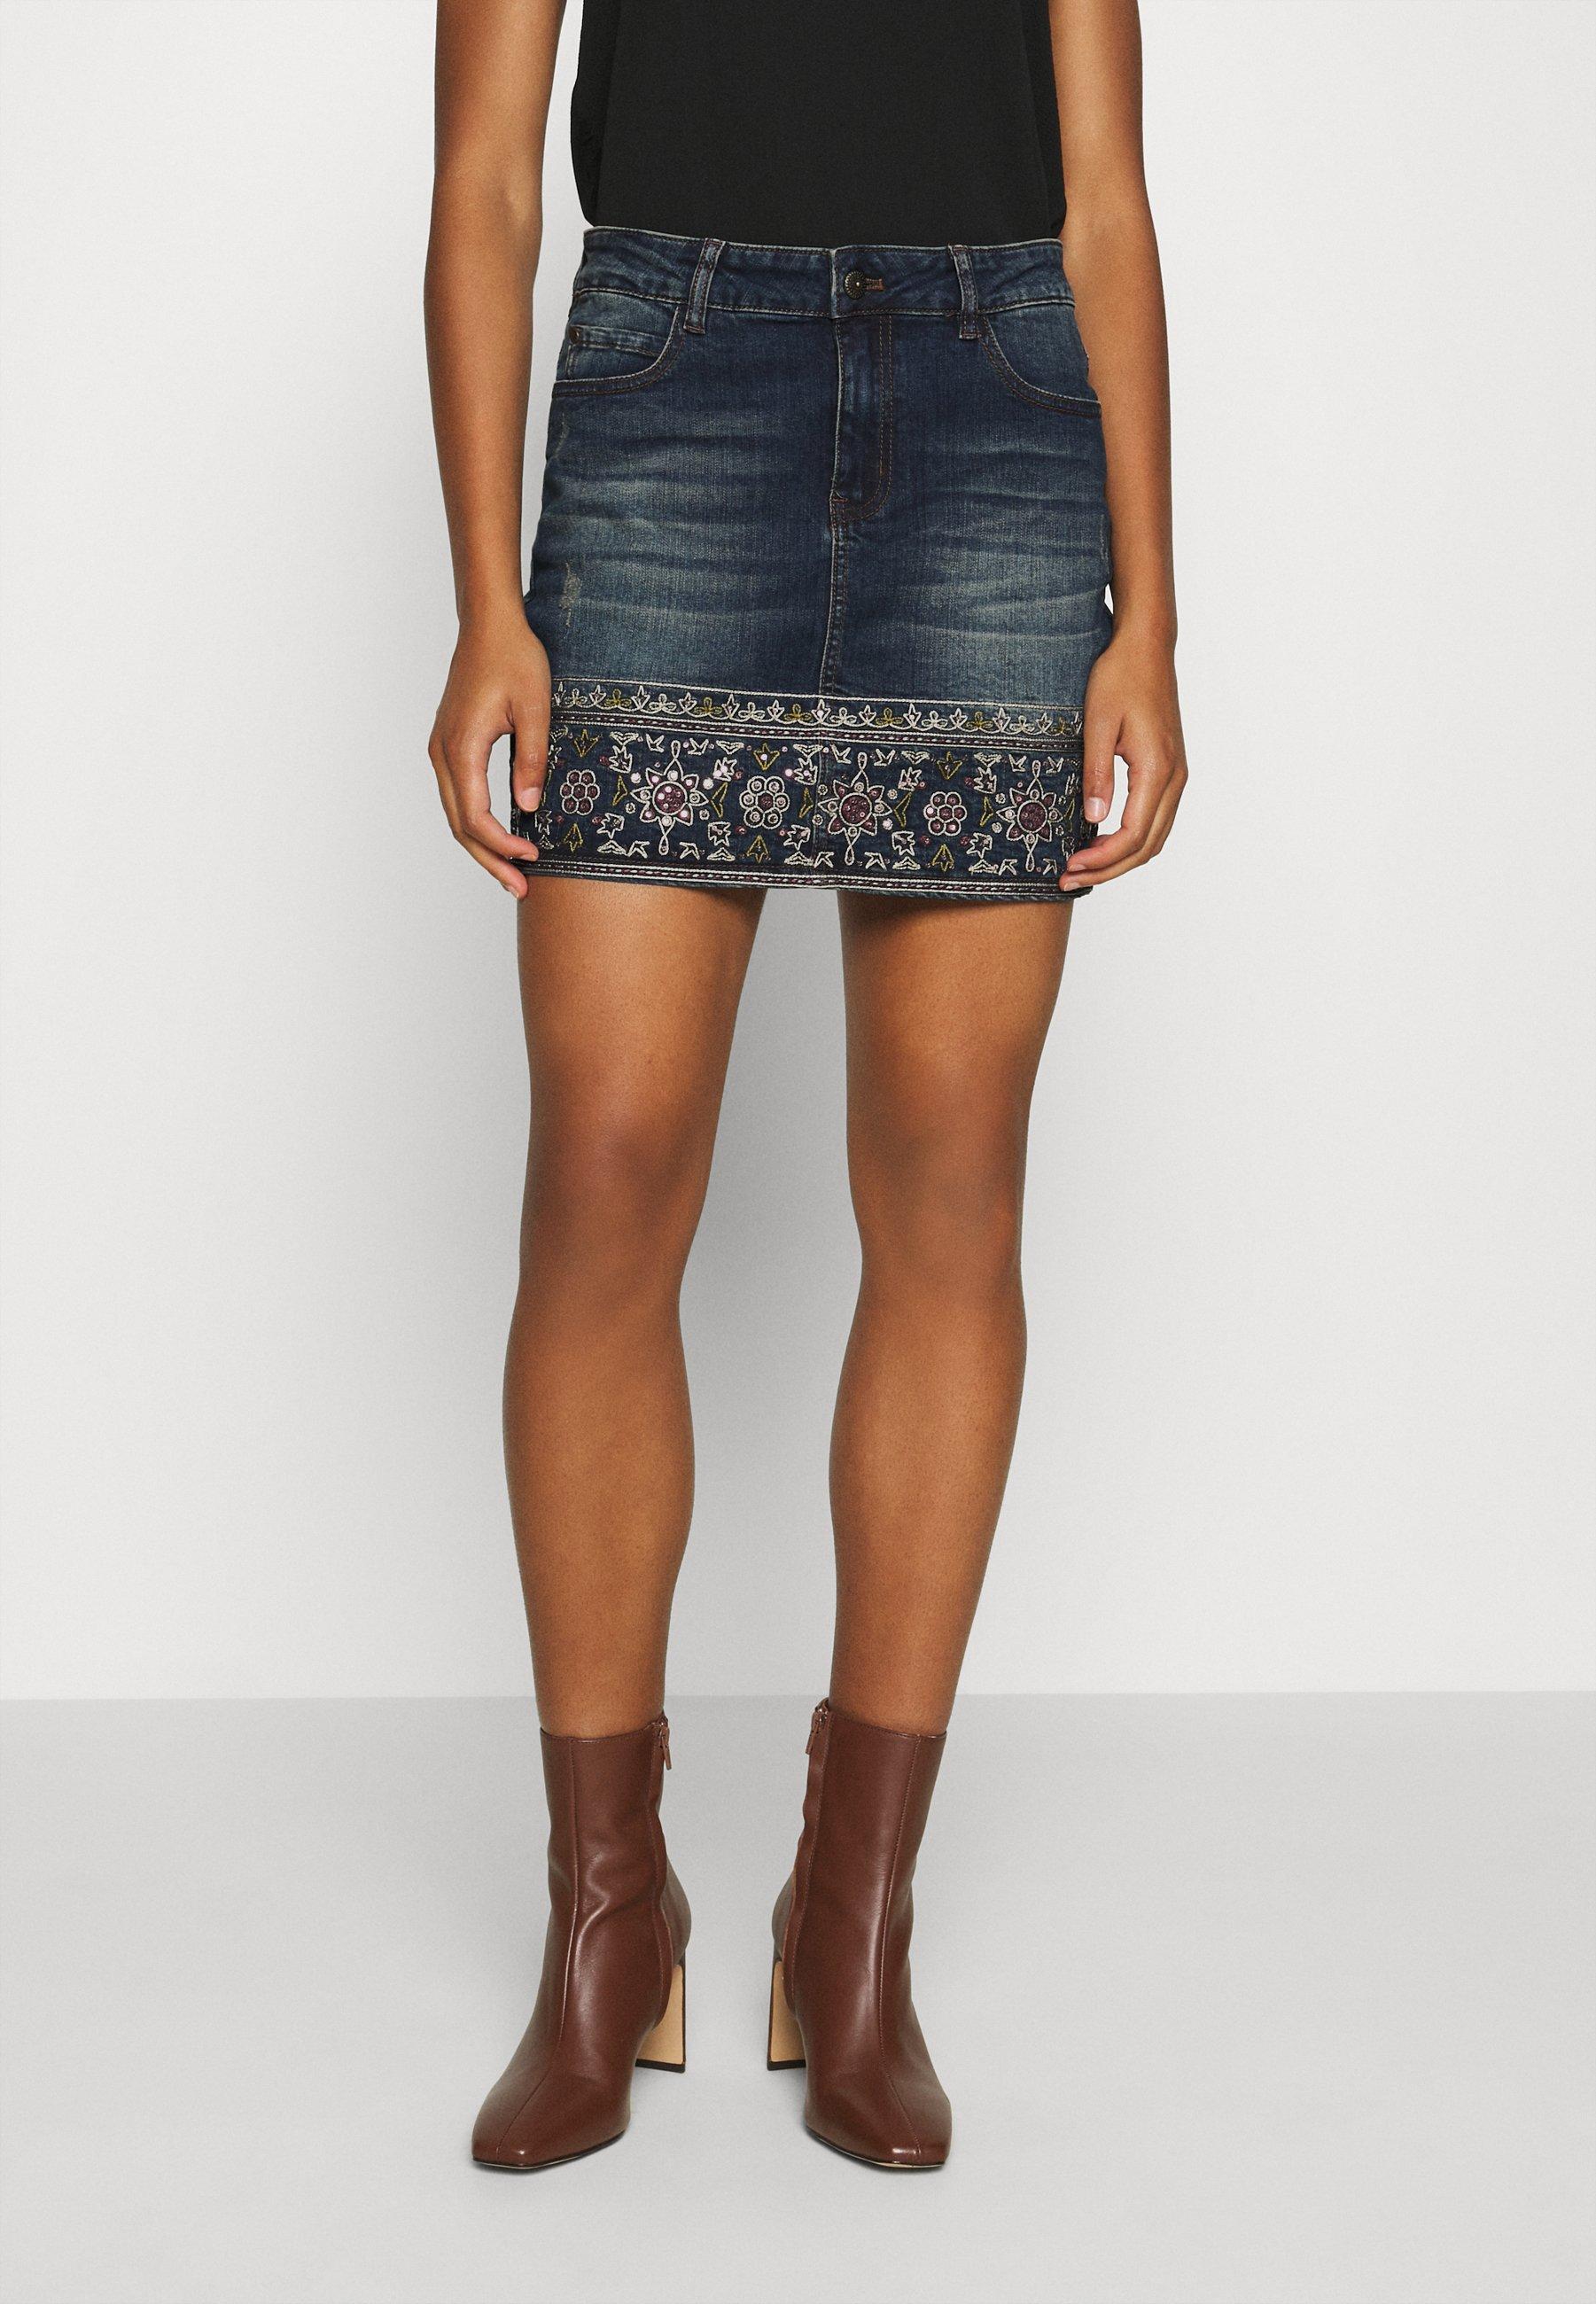 Femme FAL DENVER - Jupe en jean